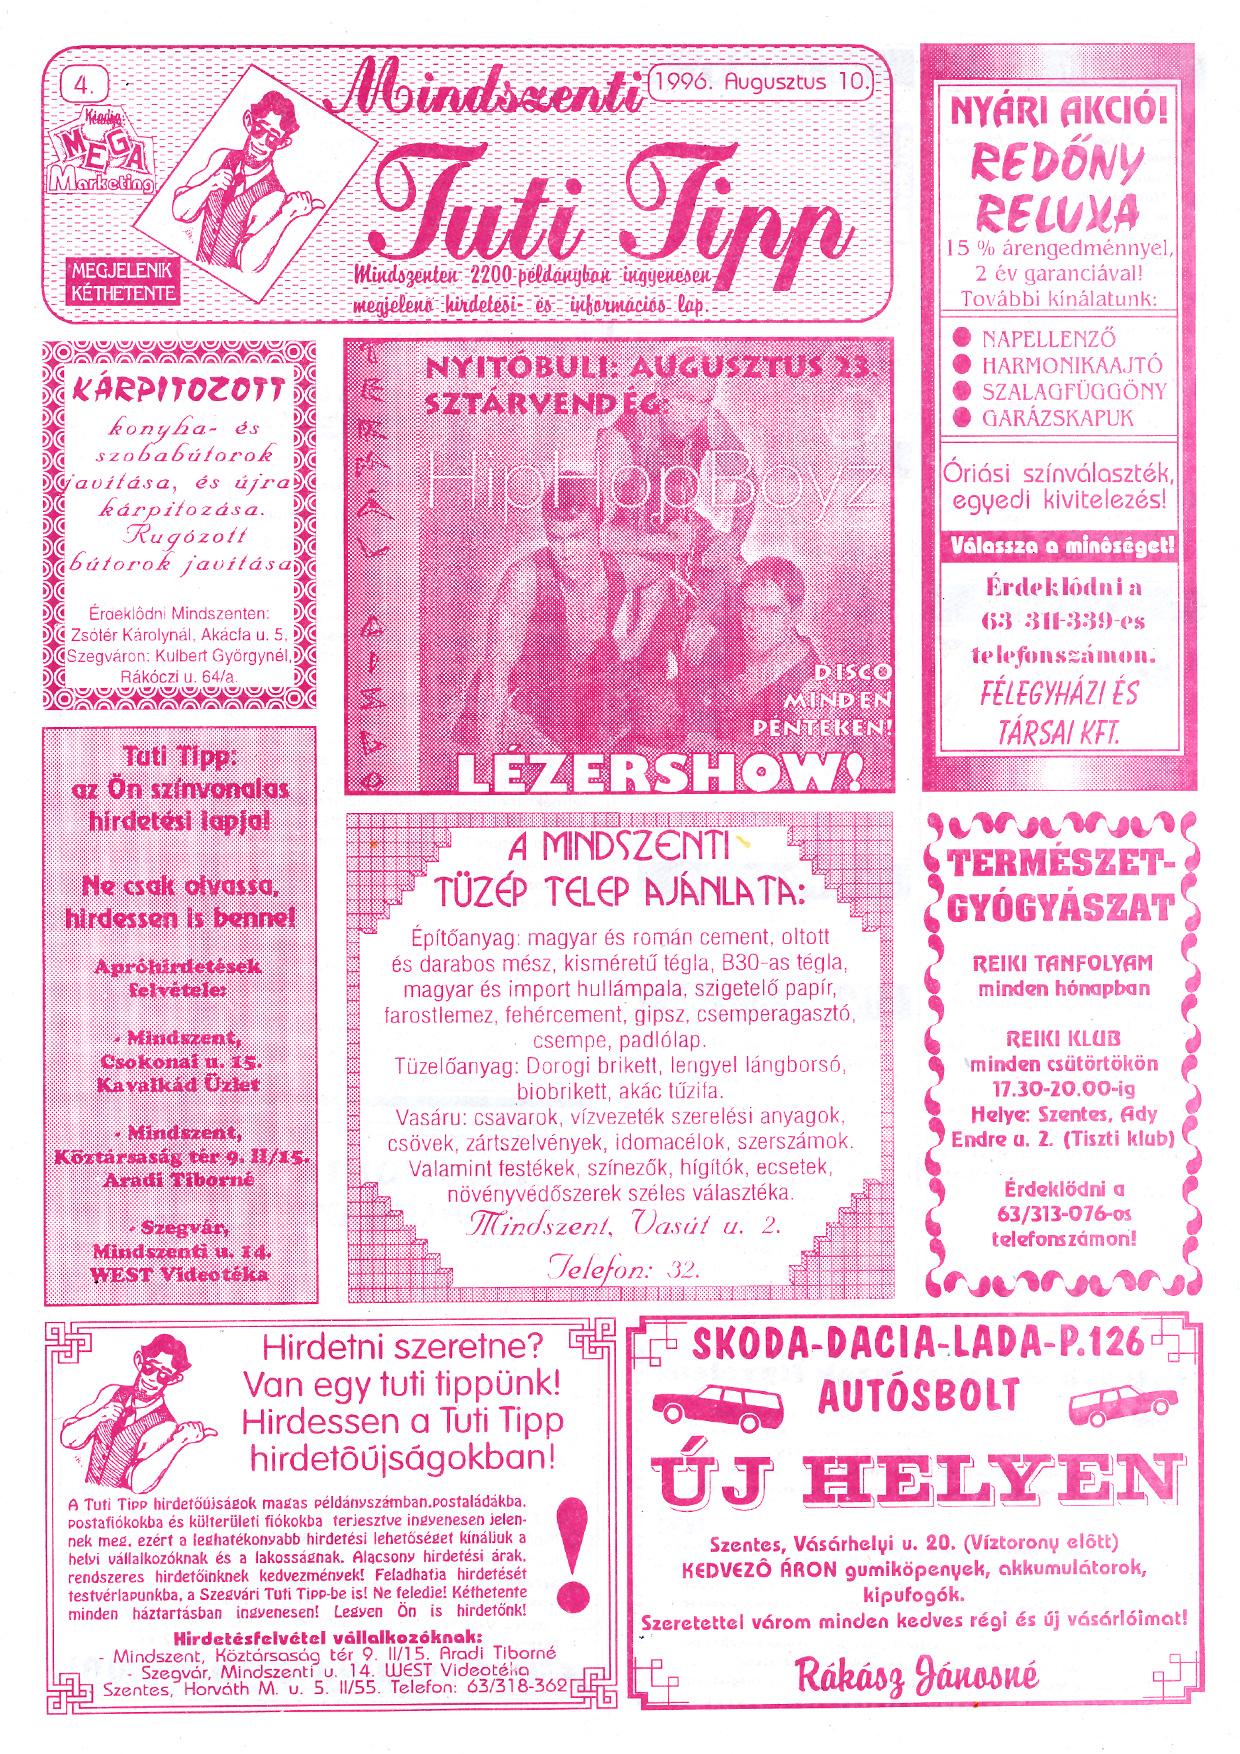 041 Mindszenti Tuti Tipp reklámújság - 19960810-004. lapszám - 1.oldal - II. évfolyam.jpg